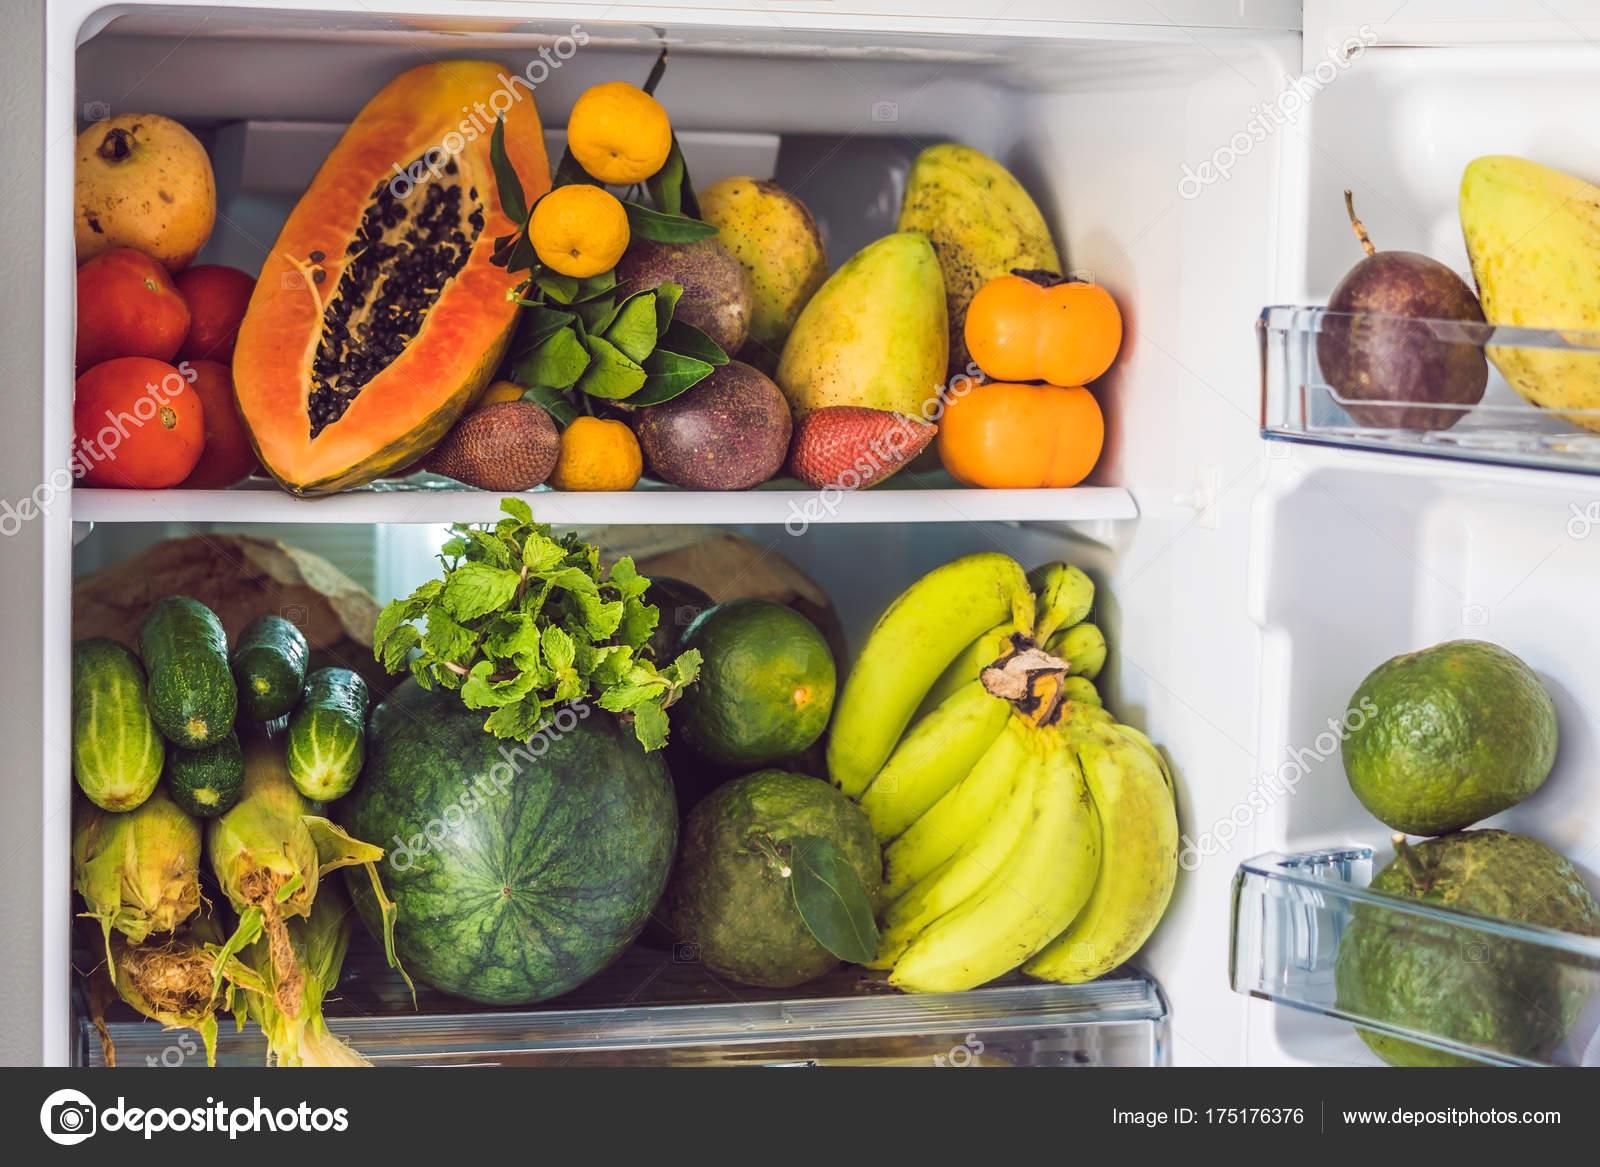 Kühlschrank Deo : Öffnen sie kühlschrank gefüllt mit obst und frischgemüse raw food